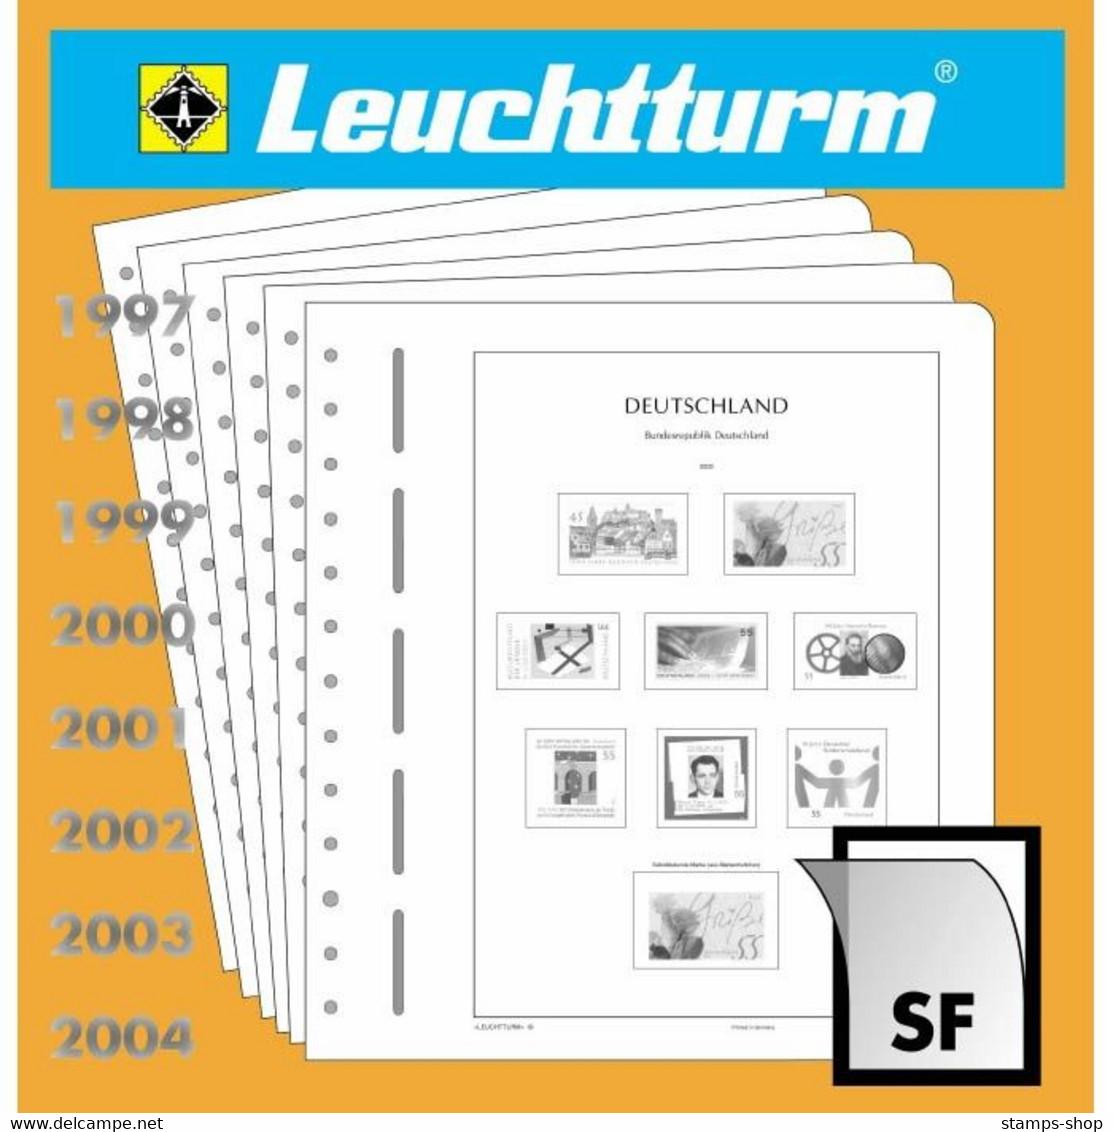 Leuchtturm Nachtrag Deutschland Markenheftchen 2006 SF Mit Taschen Neu - Pre-printed Pages